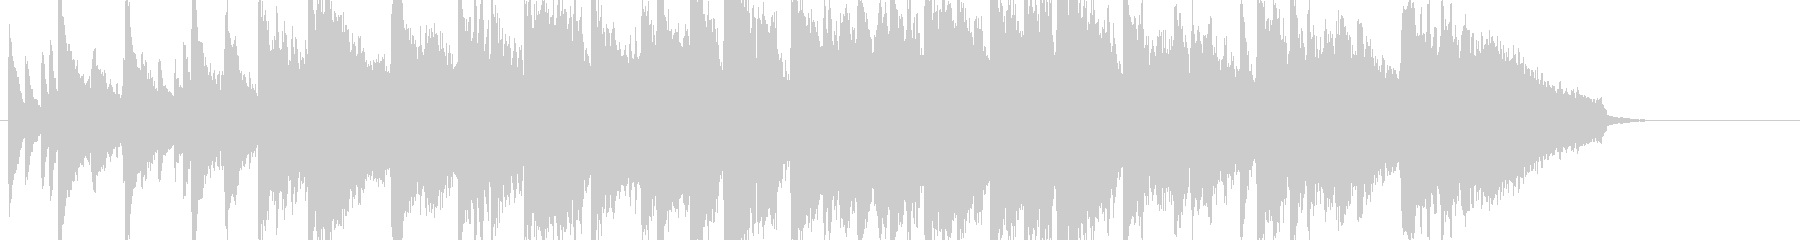 ピアノとストリングスの切ないしっとり曲の未再生の波形